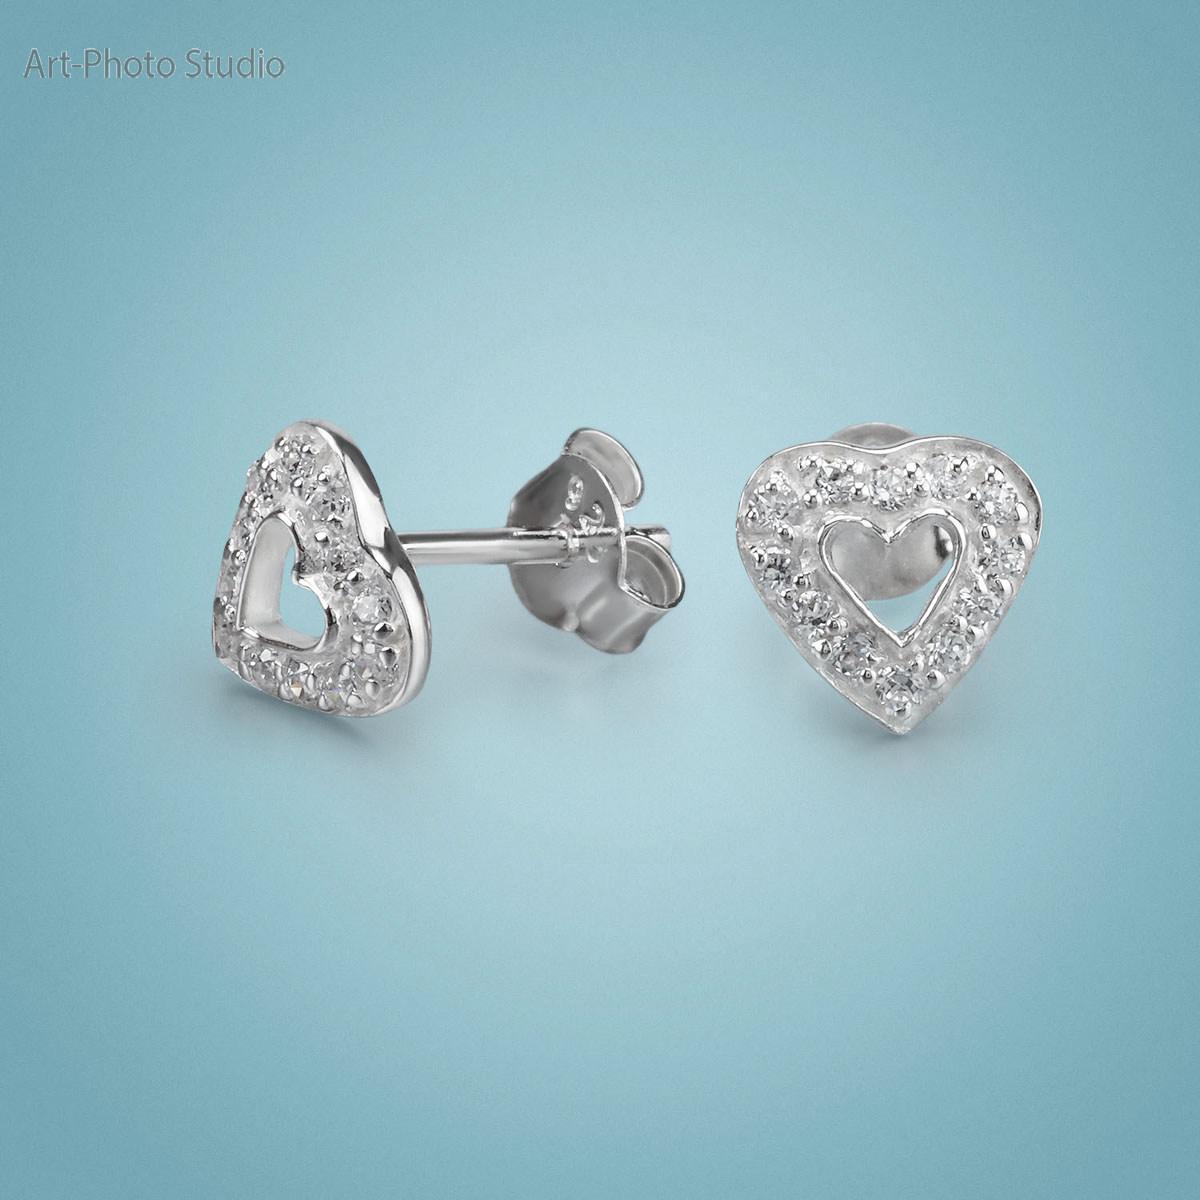 фото ювелирных украшений - серьги-гвоздики из серебра